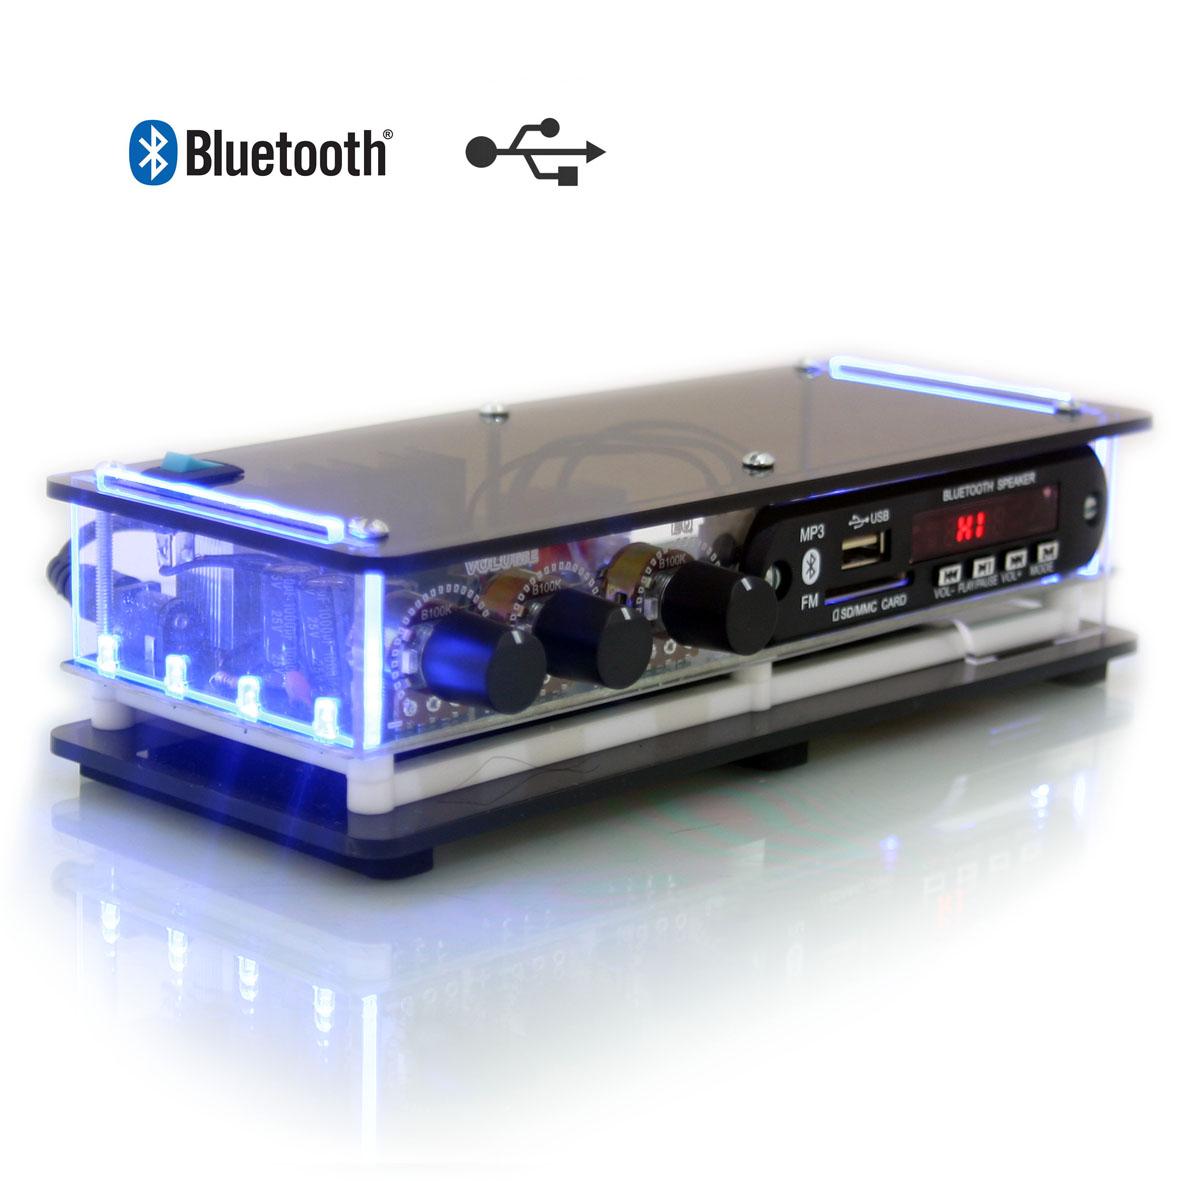 Kit som ambiente Mini amplificador Receiver USB FM Bluetooth e 2 arandelas de embutir